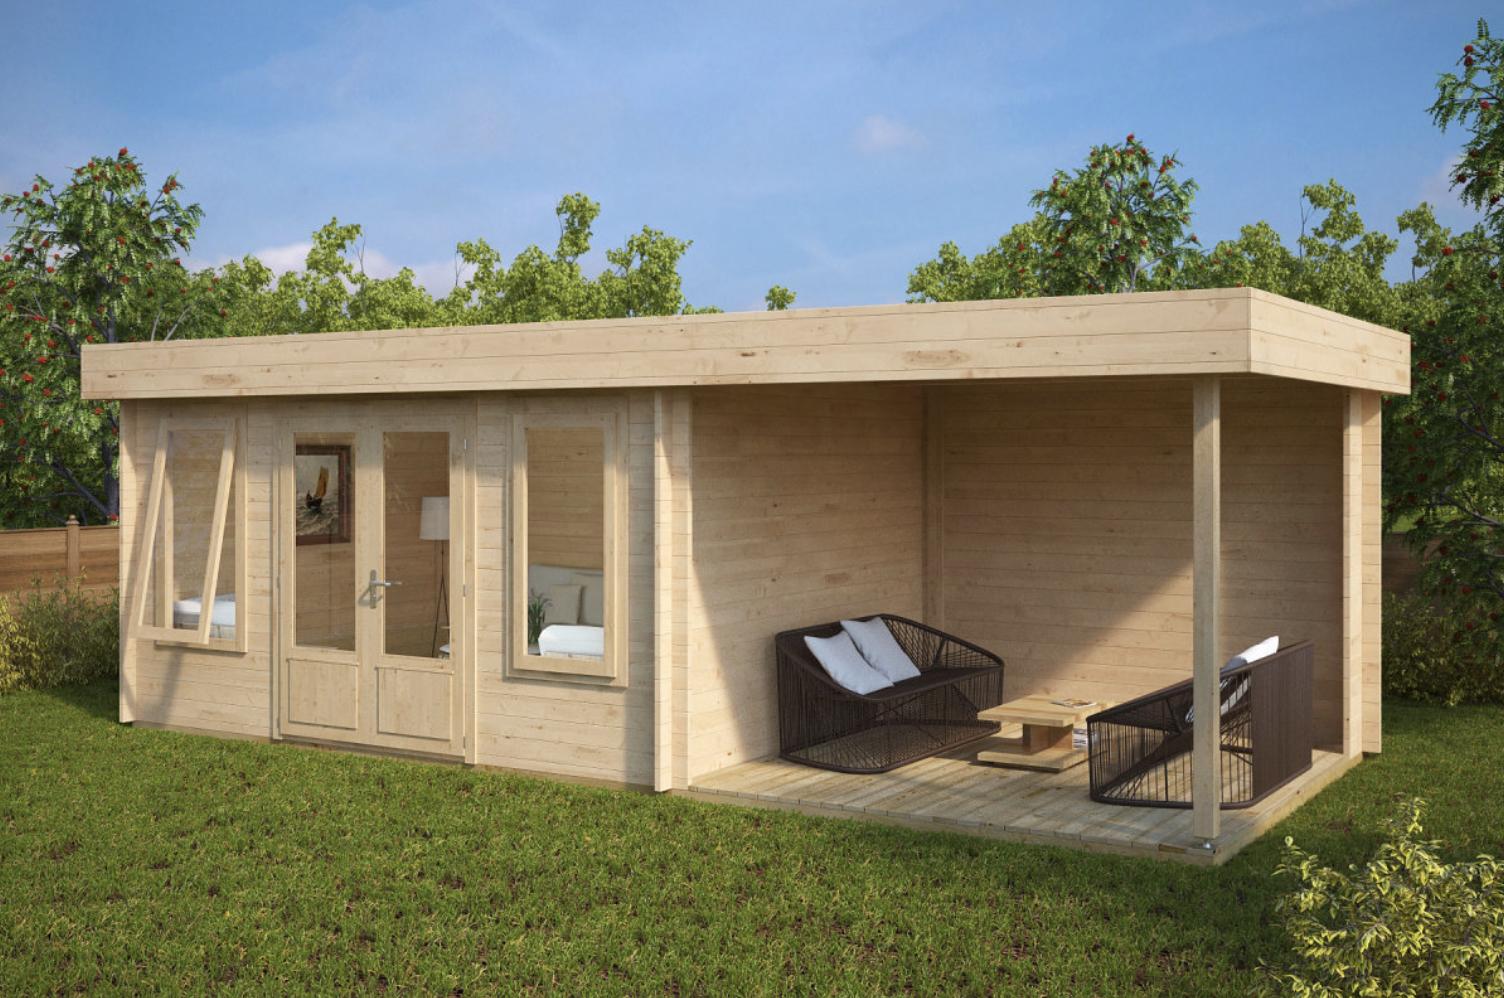 Casetta di legno castellobolio 12t koala casette in for Costo casette di legno